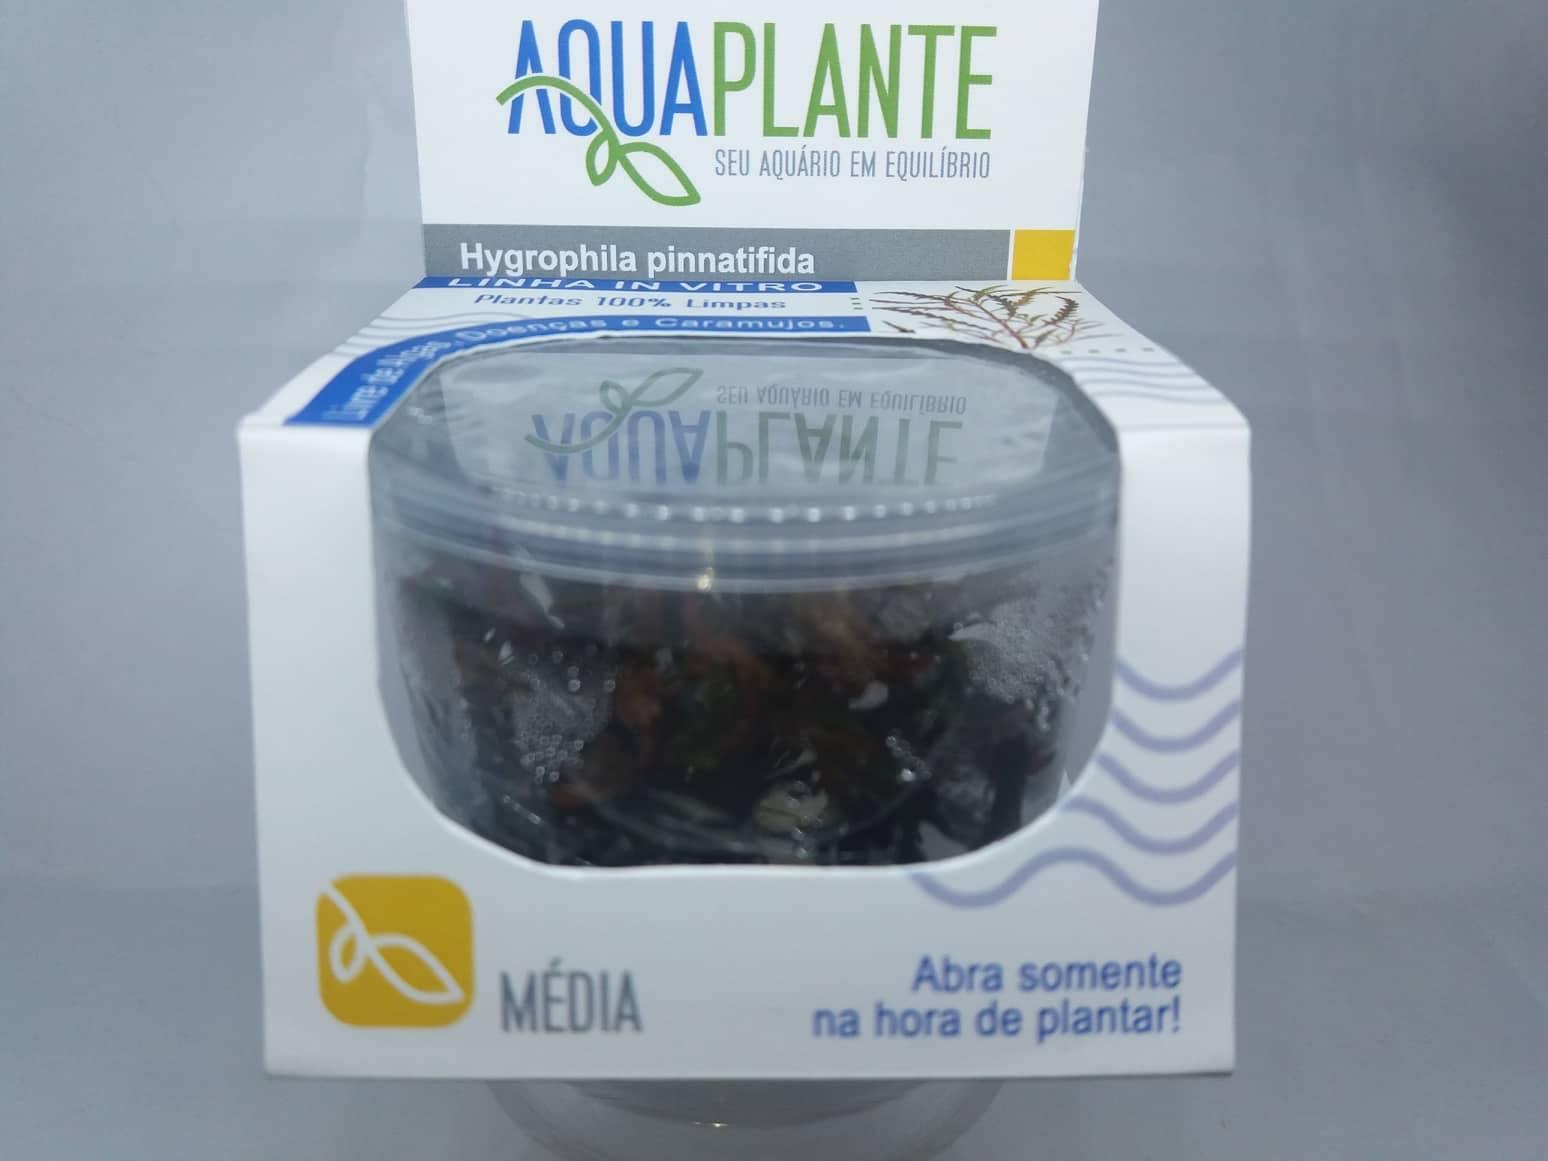 HYGROPHILA PINNATIFIDA 'In vitro planta 100% LIVRE de pragas e algas'